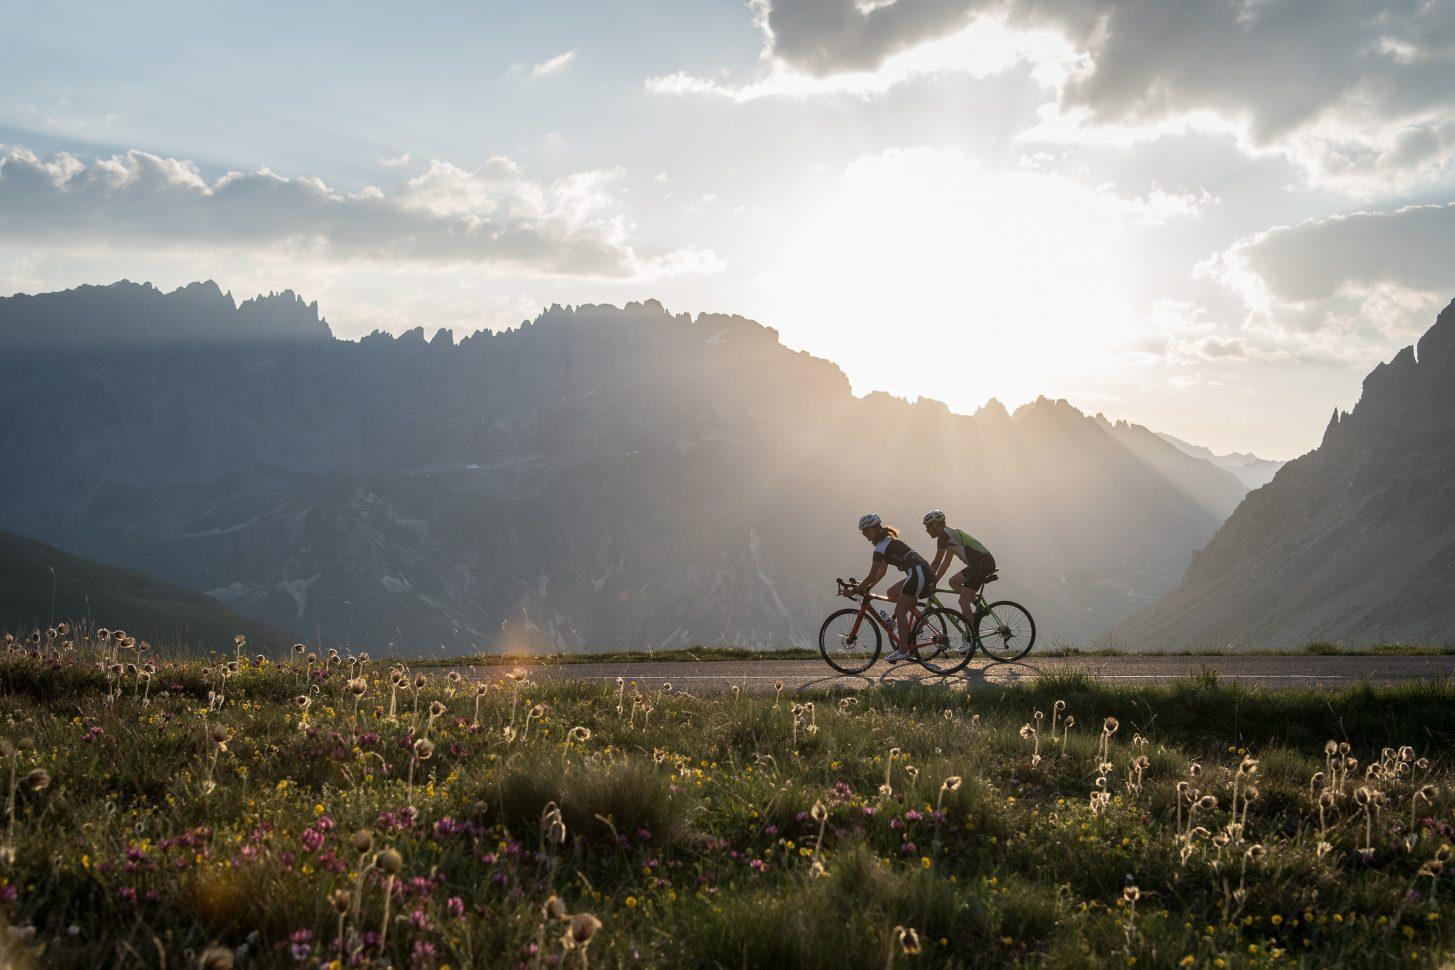 Ascension du Col du galibier en vélo au lever de soleil